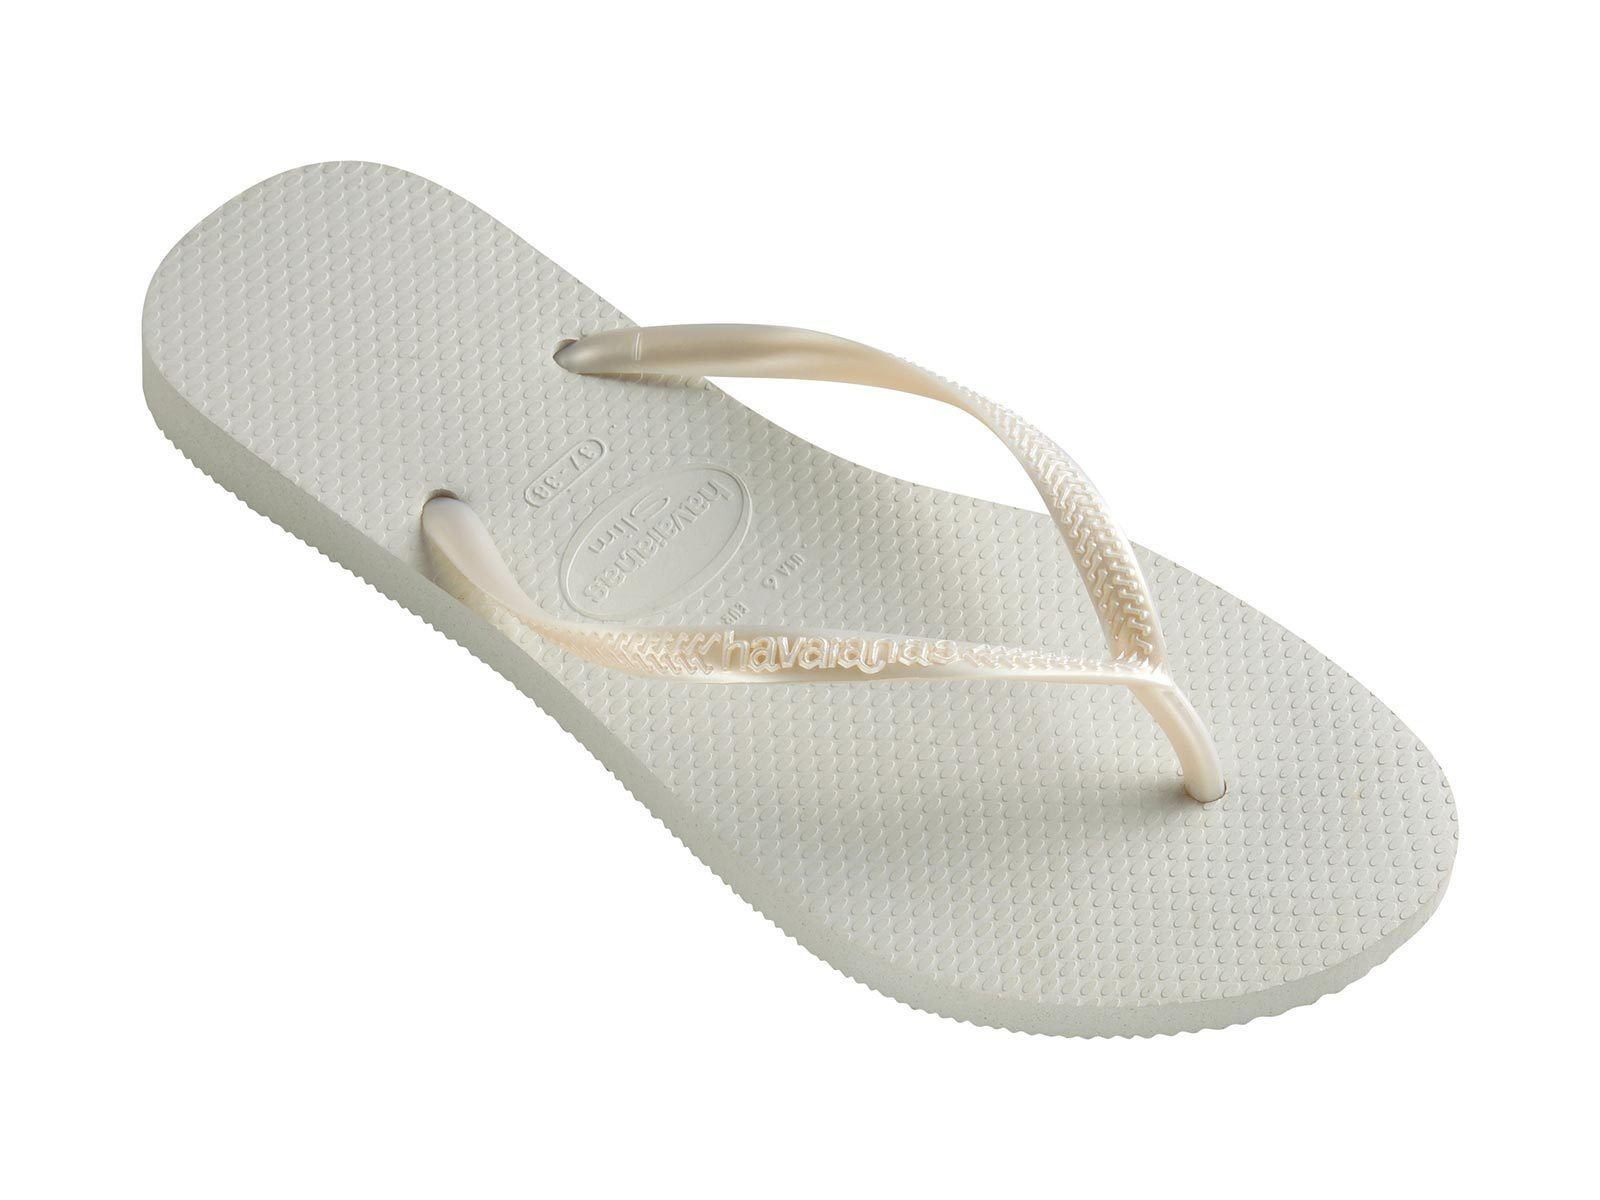 442e04eb165ad1 Details about Havaianas Slim Brazil Women s Flip Flops White Size US-6  EUR-37 38